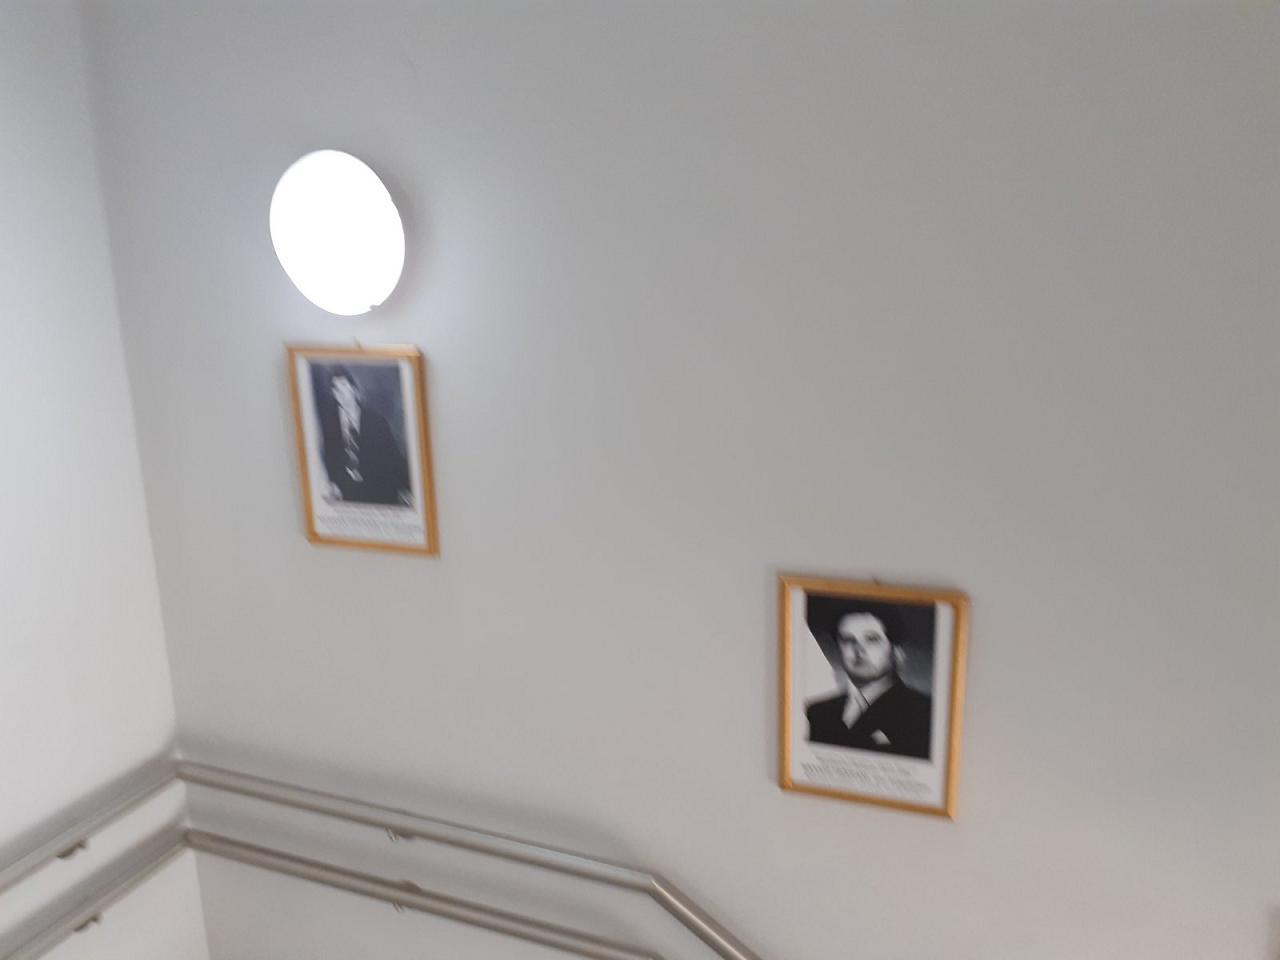 Κάδρα με φωτογραφίες όλων των Δημάρχων από το 1949 μέχρι και το 2014 τοποθέτησε ο Δήμαρχος Γιώργος Ψαθάς στις σκάλες του Δημαρχείου (φωτογραφίες) 2 4